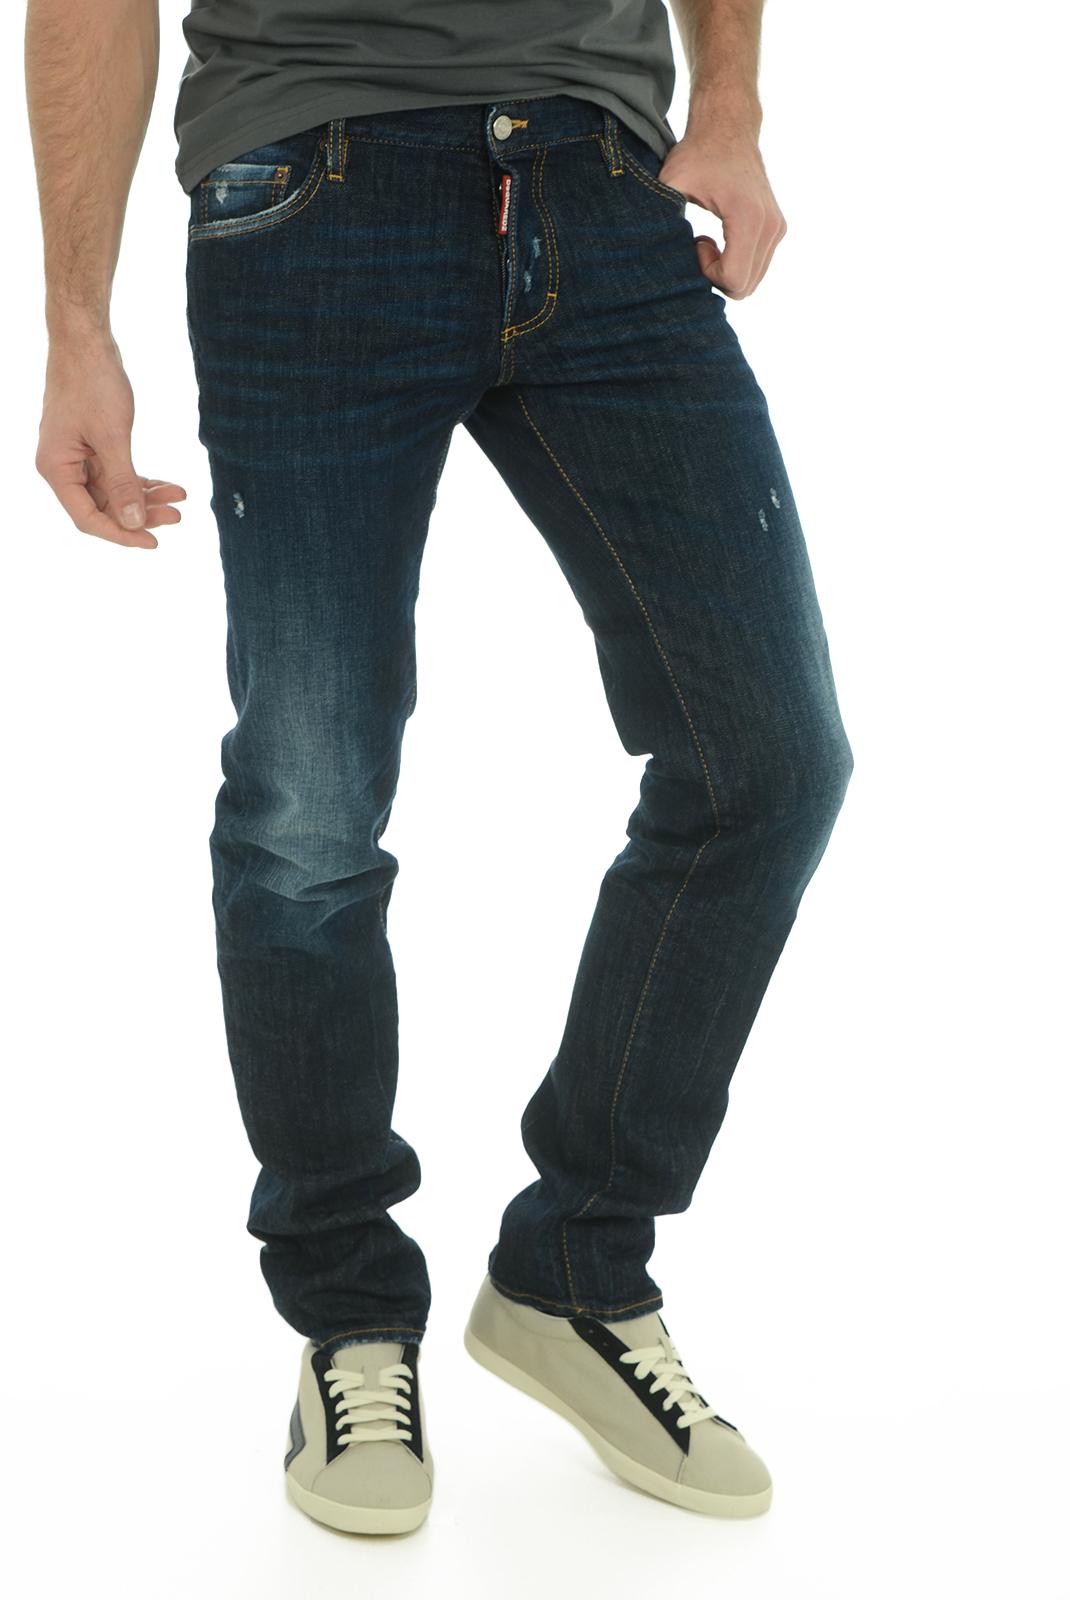 Jean slim / skinny  Dsquared2 S74LB0036 470 INDIGO BLUE